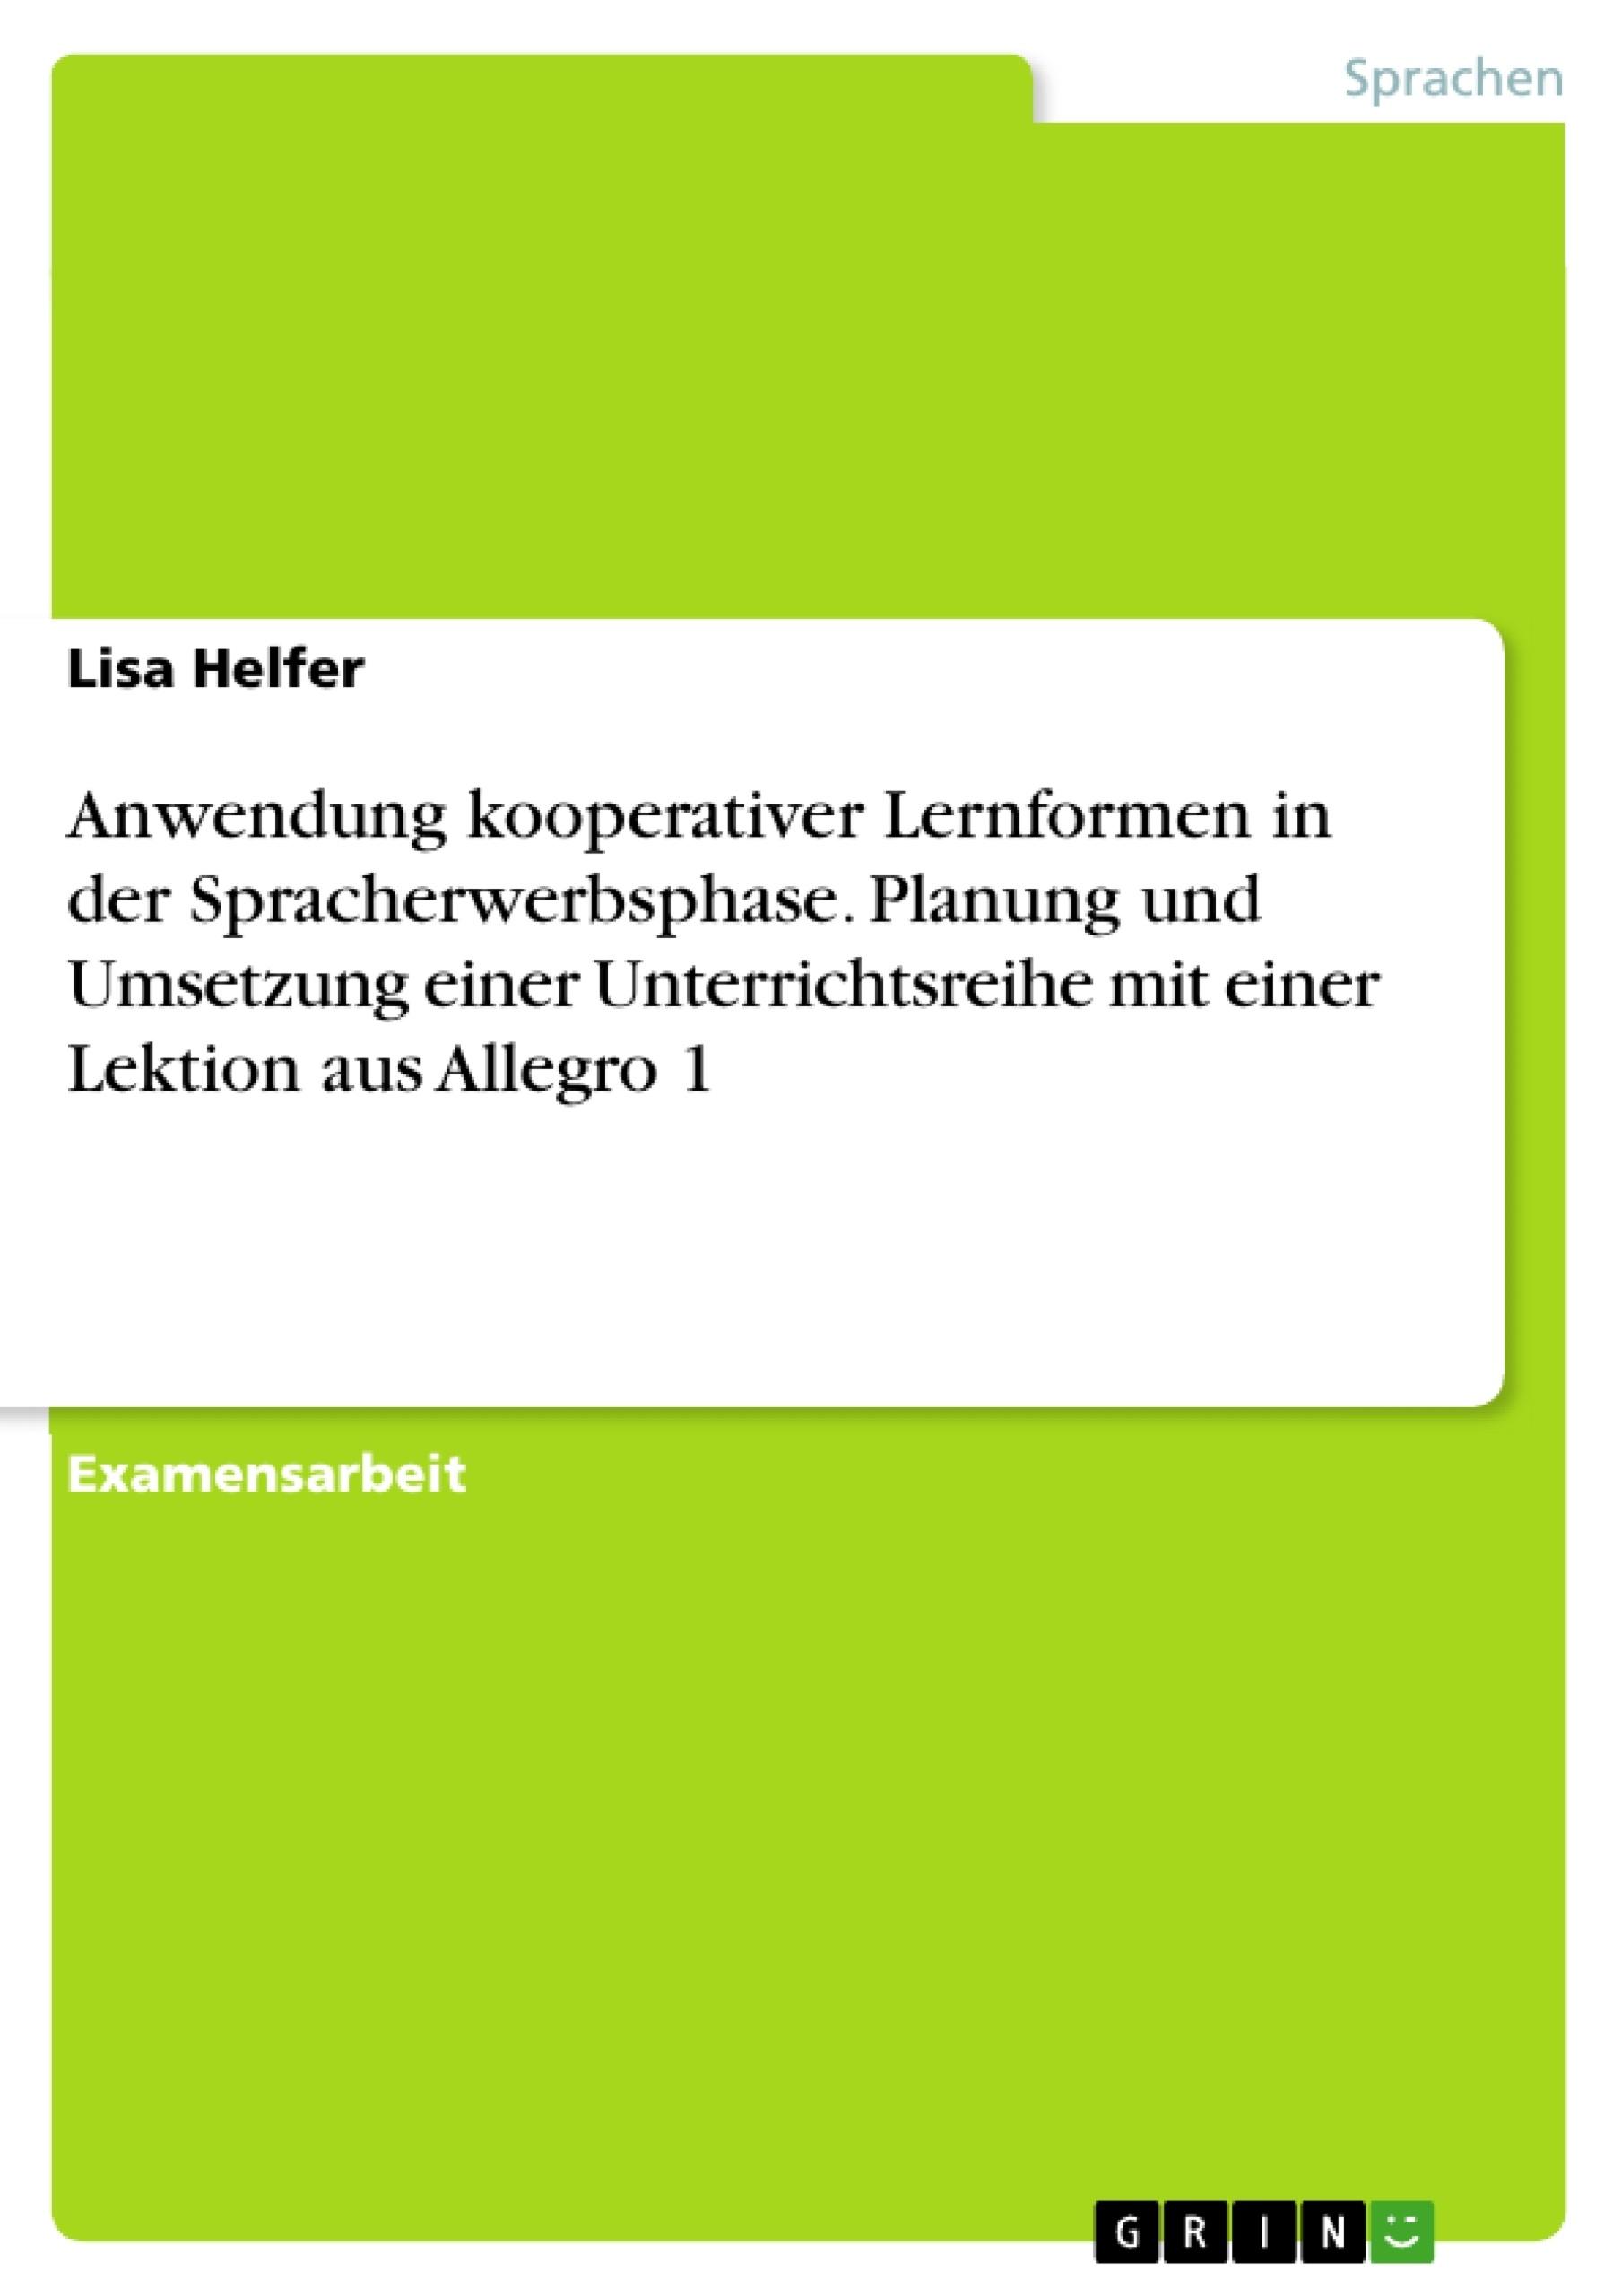 Anwendung kooperativer Lernformen in der Spracherwerbsphase ...